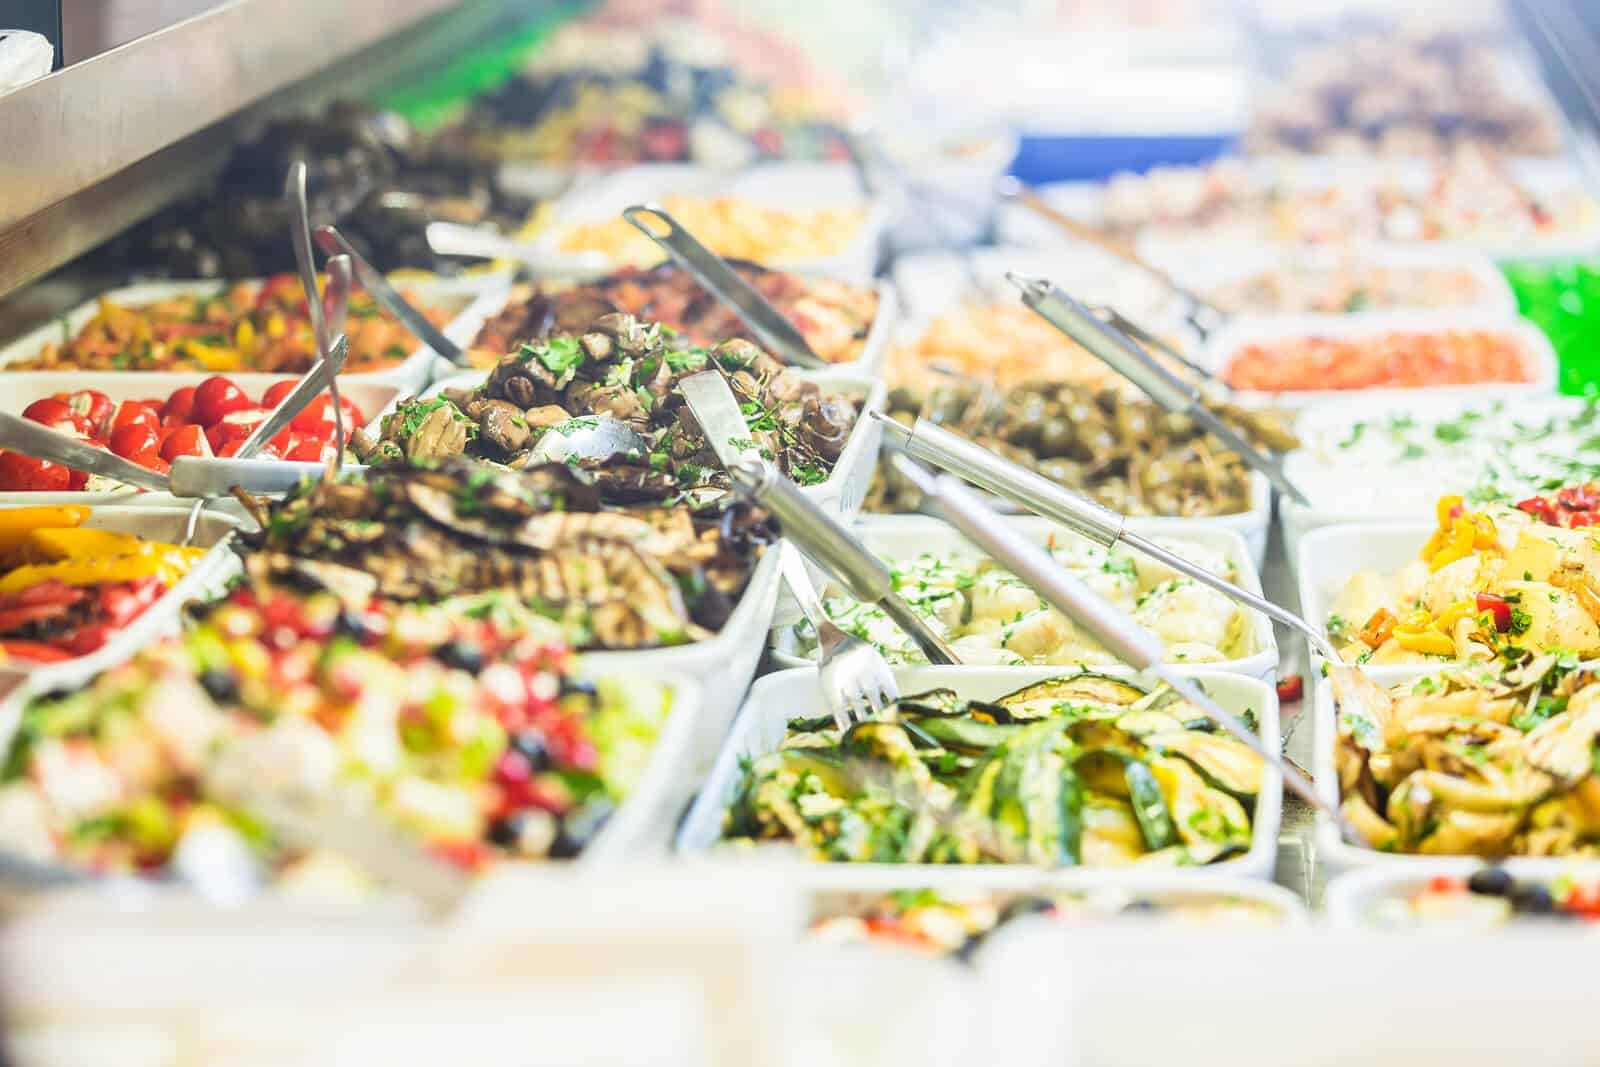 Mezze food in a deli